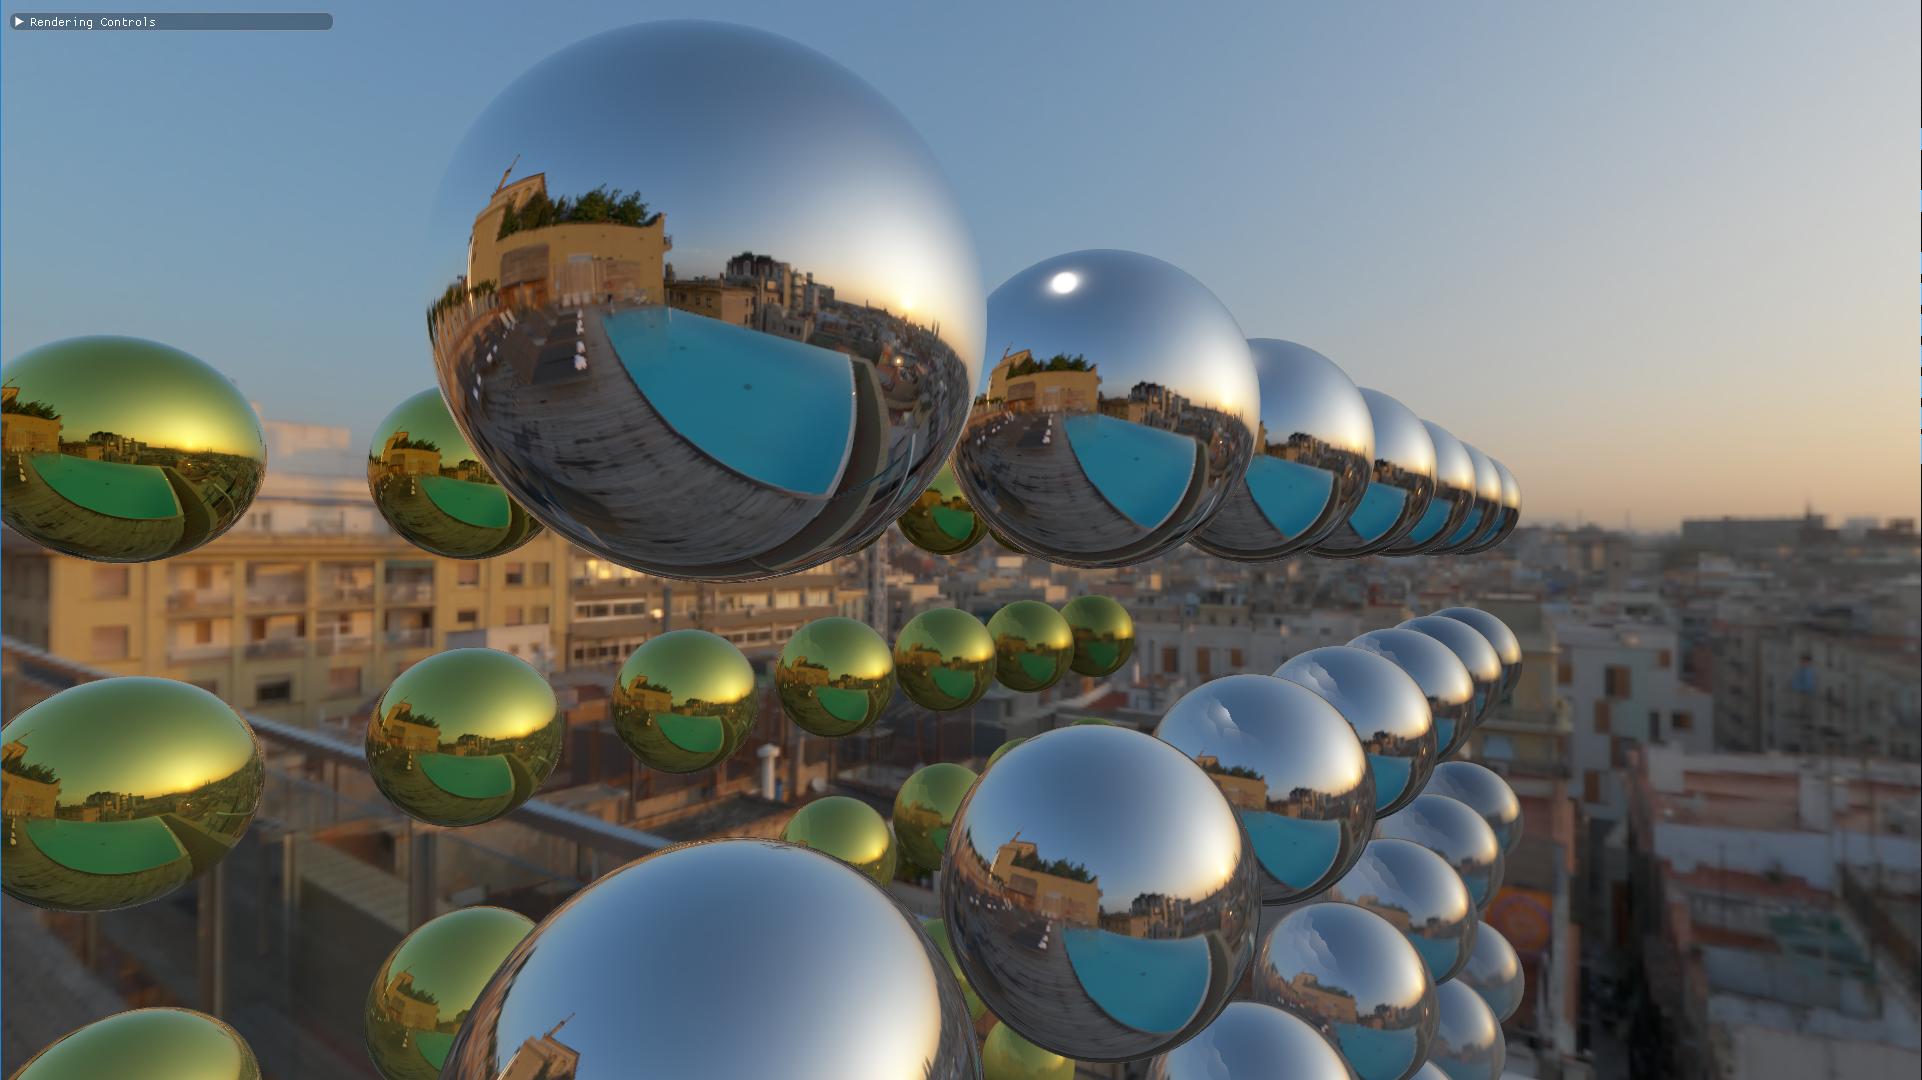 metallicspheres